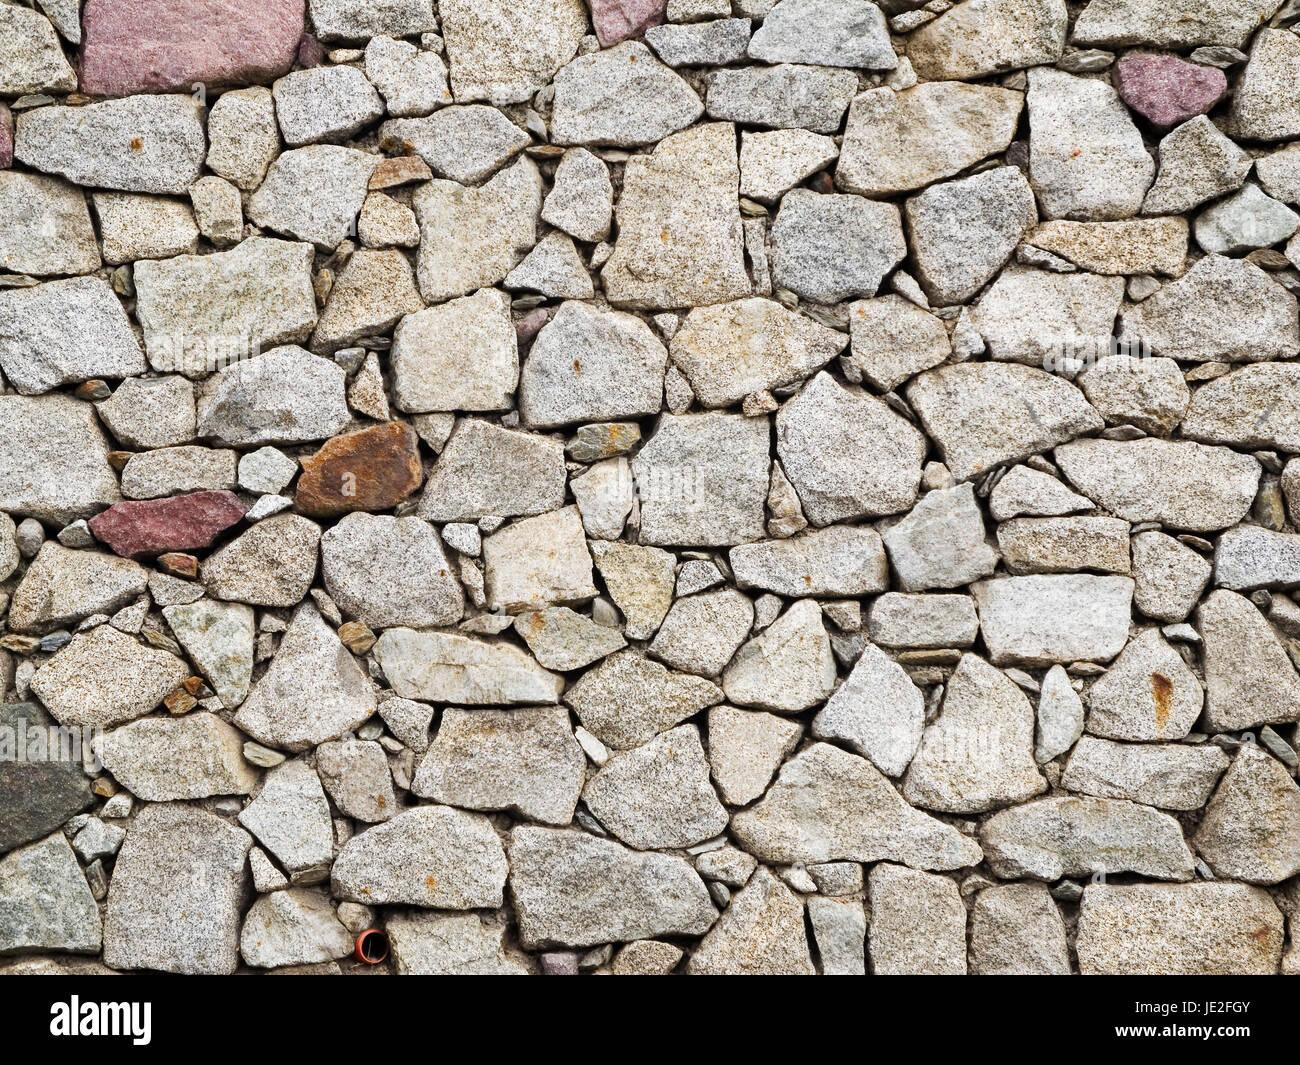 frontale formatfüllende Ansicht einer aus unregelmäßigen Granit-Steinen gemauerten Wand - Stock Image